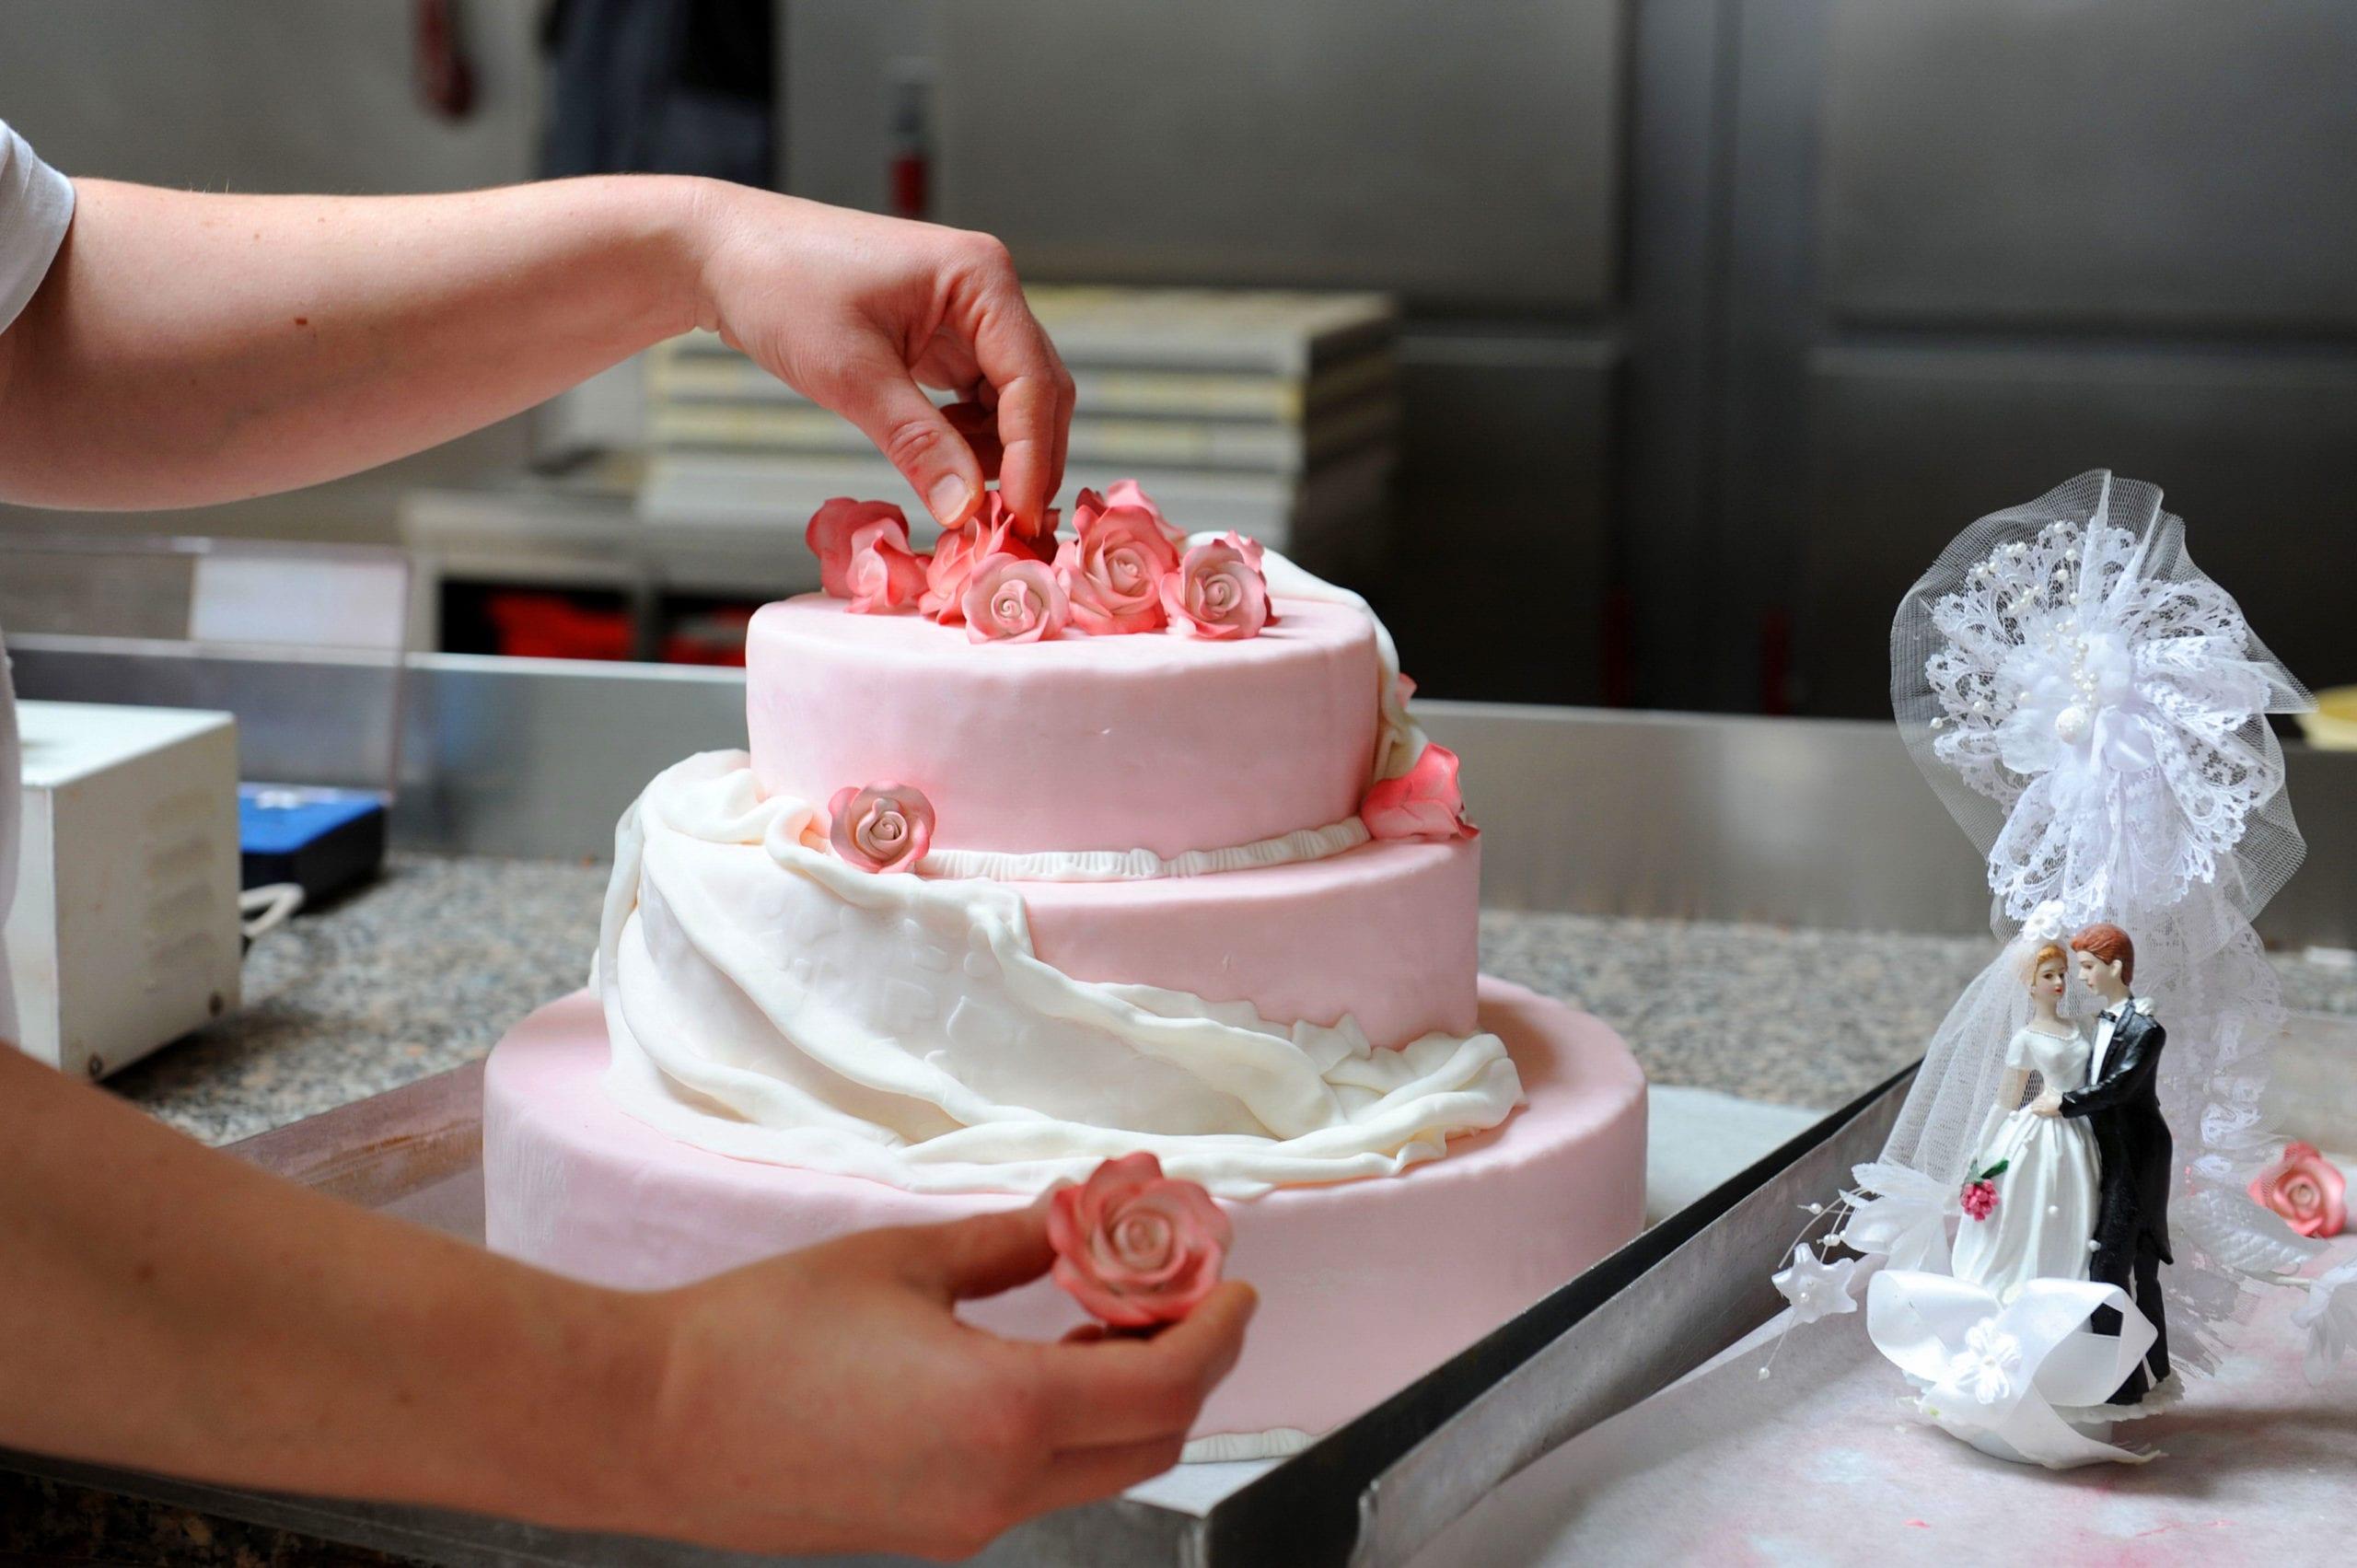 Ob zu Ihrer Hochzeit, der Taufe, oder zum Geburtstag sowie zum Firmenjubiläum: Zu jedem Anlass kreieren wir für Sie genau die richtige Torte. Rufen Sie uns gern an und wir erfüllen auch Ihren ganz individuellen Tortenwunsch. (Telefon: 038203 7757-0)